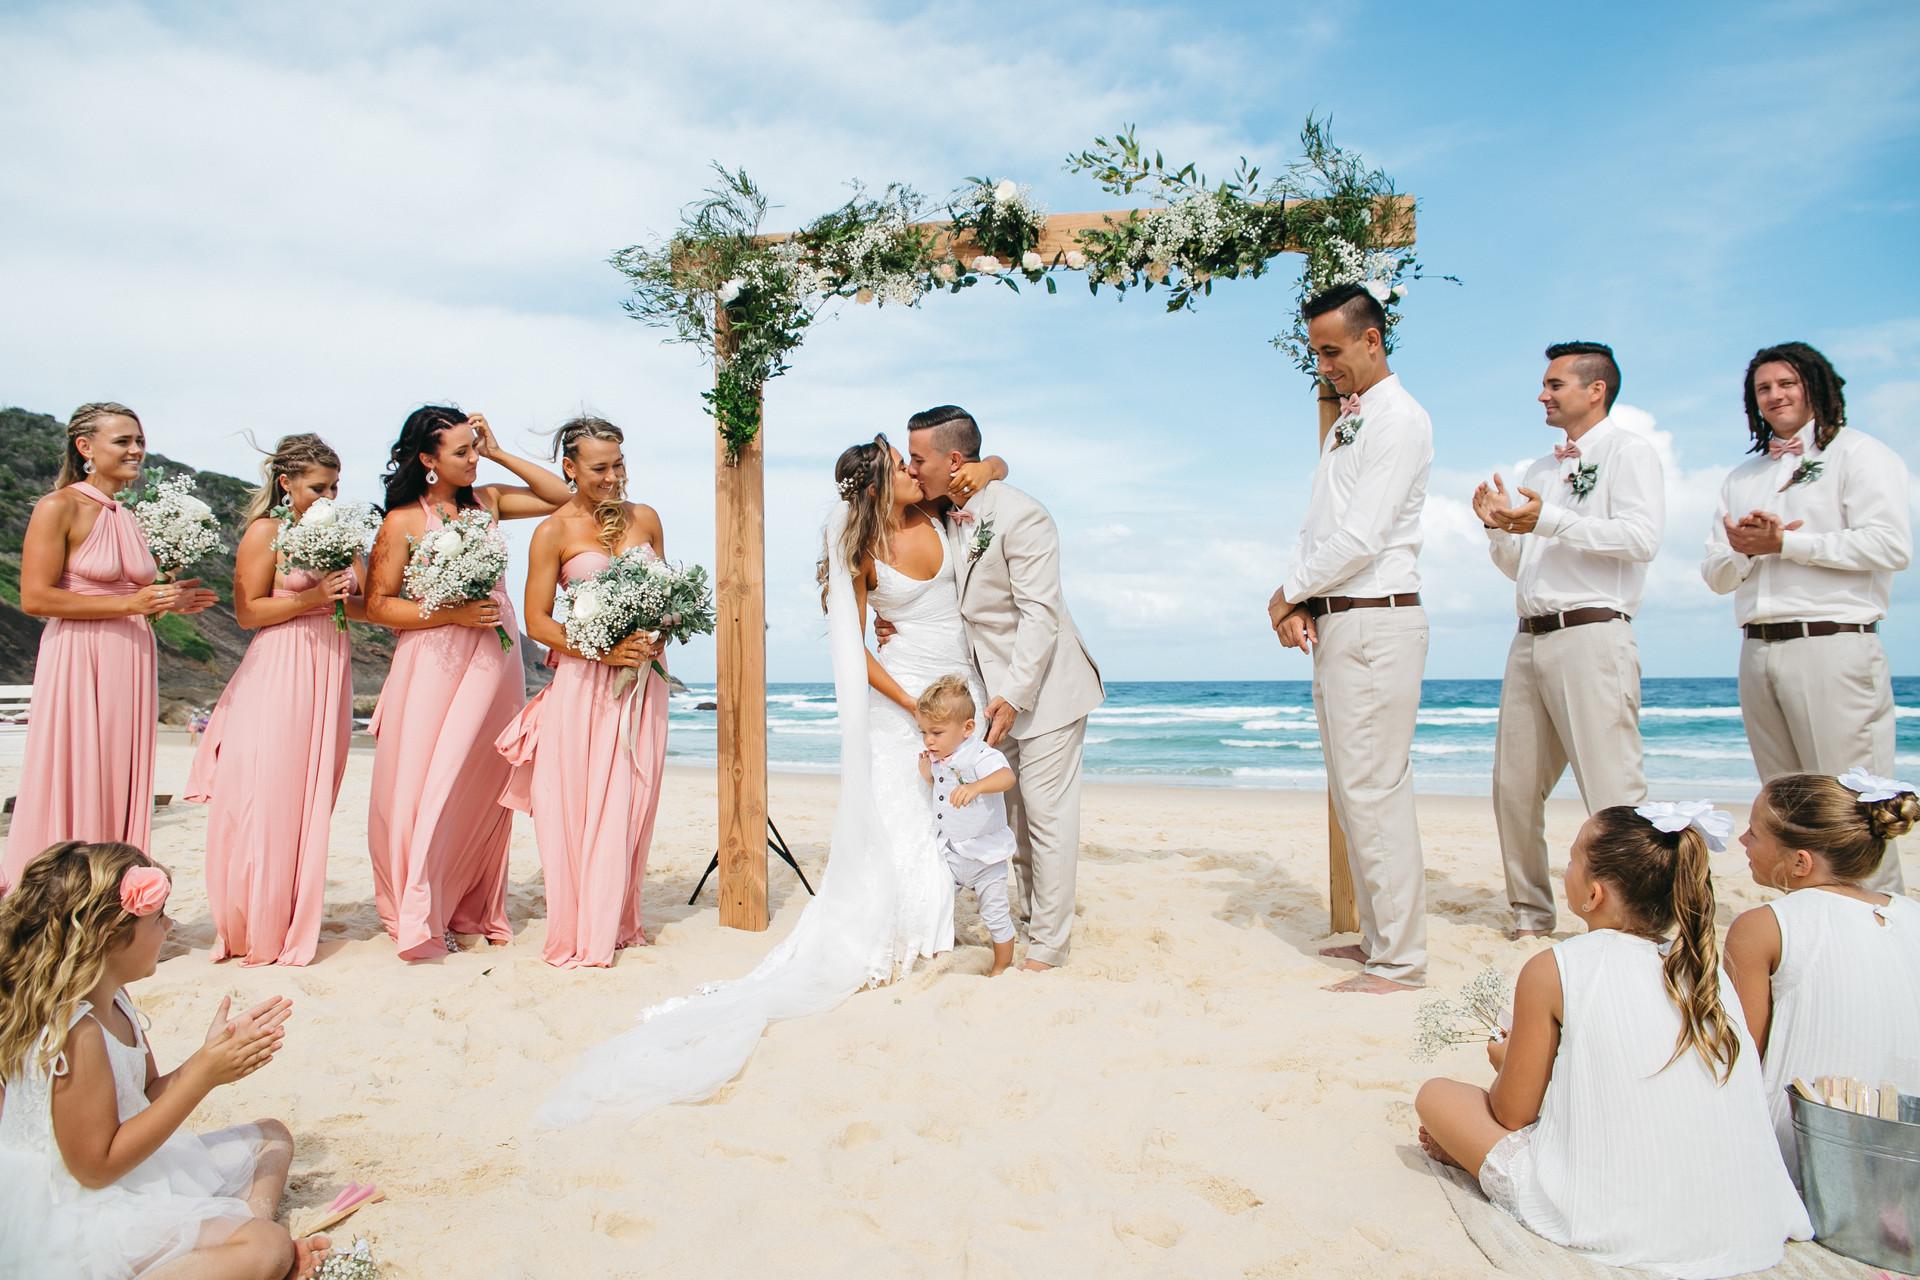 Ceremonies on the beach